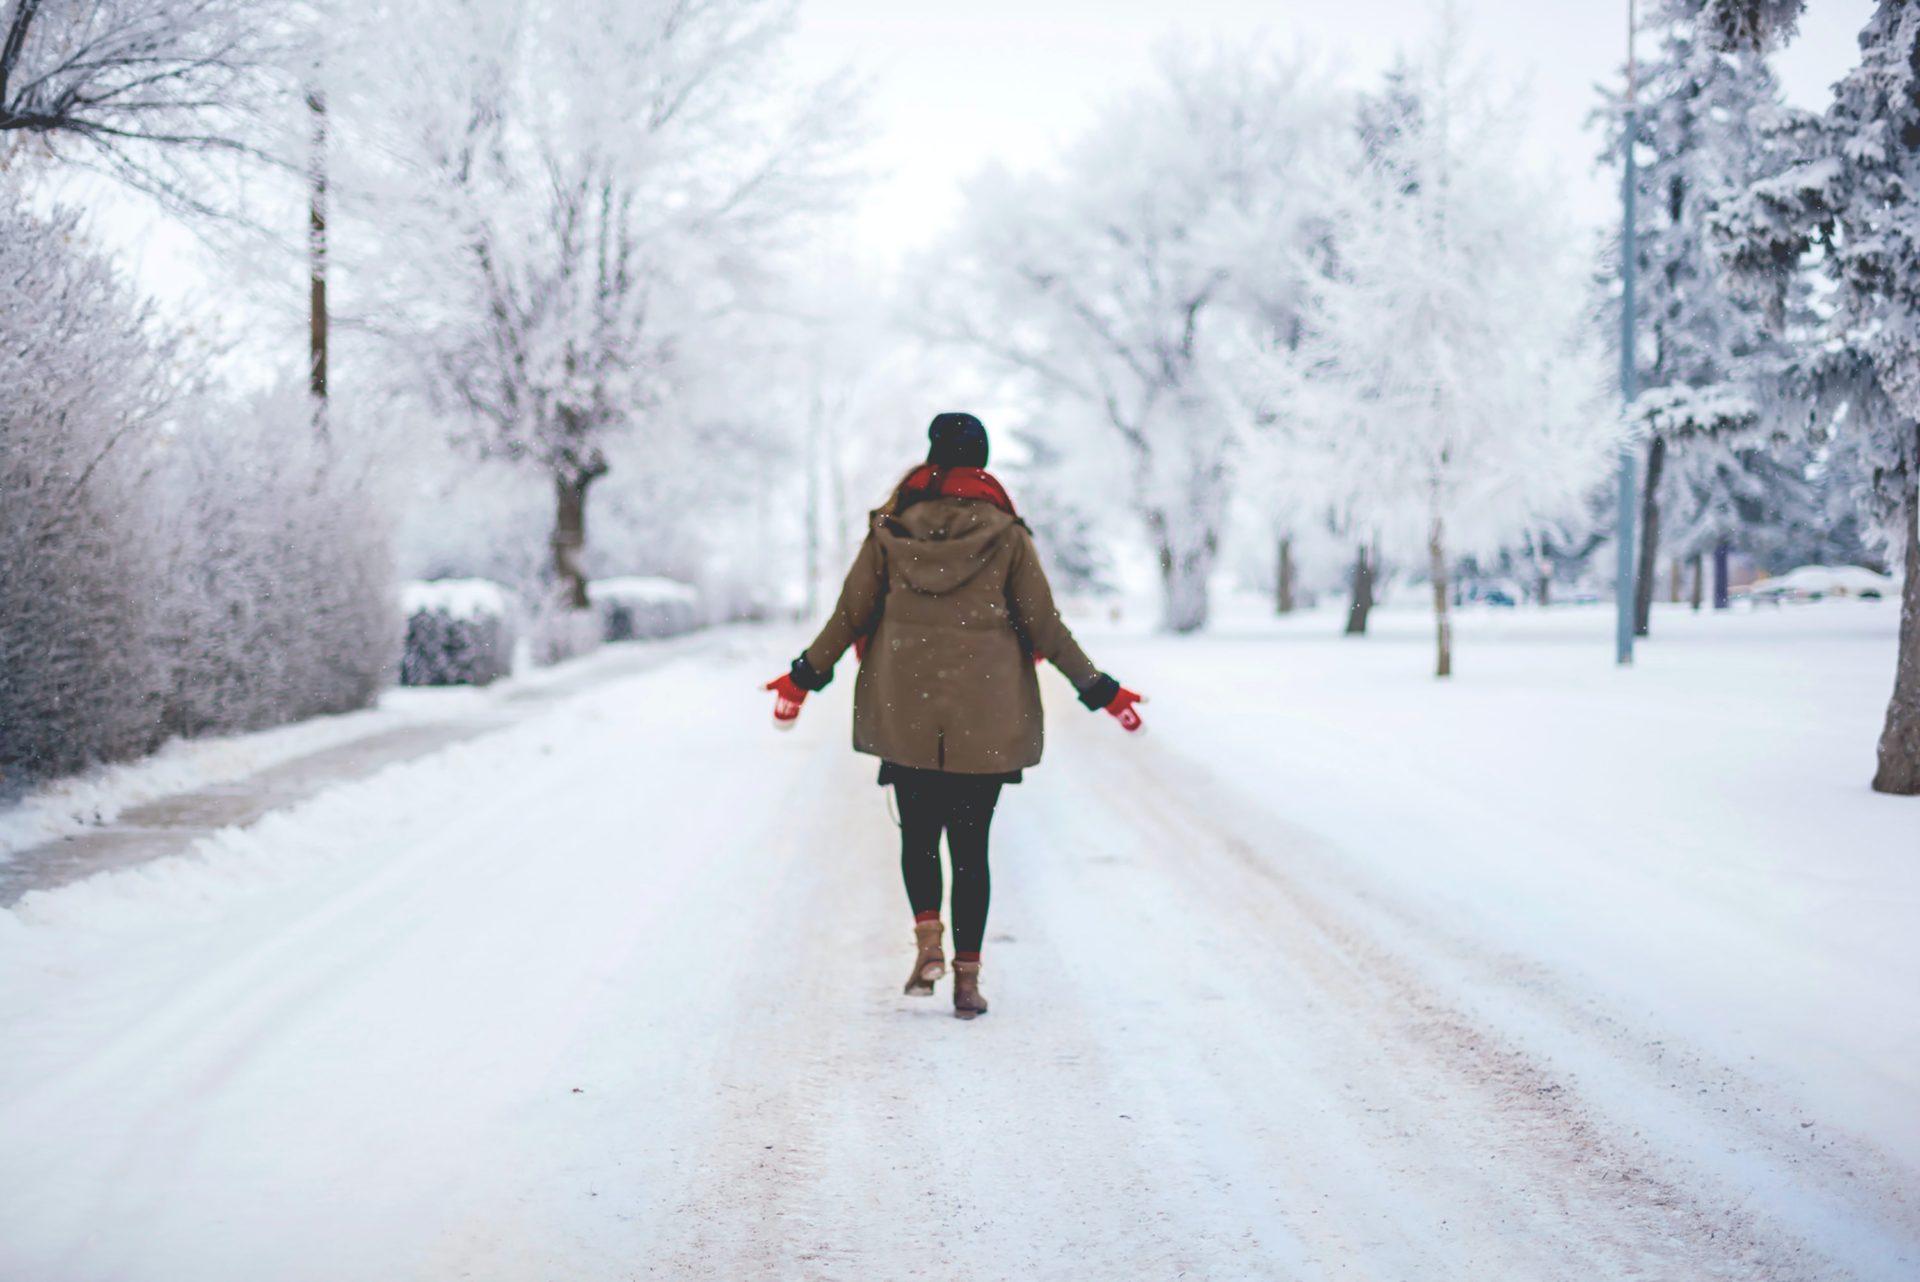 Ma nouvelle vie amoureuse: le célibat au temps du couvre-feu